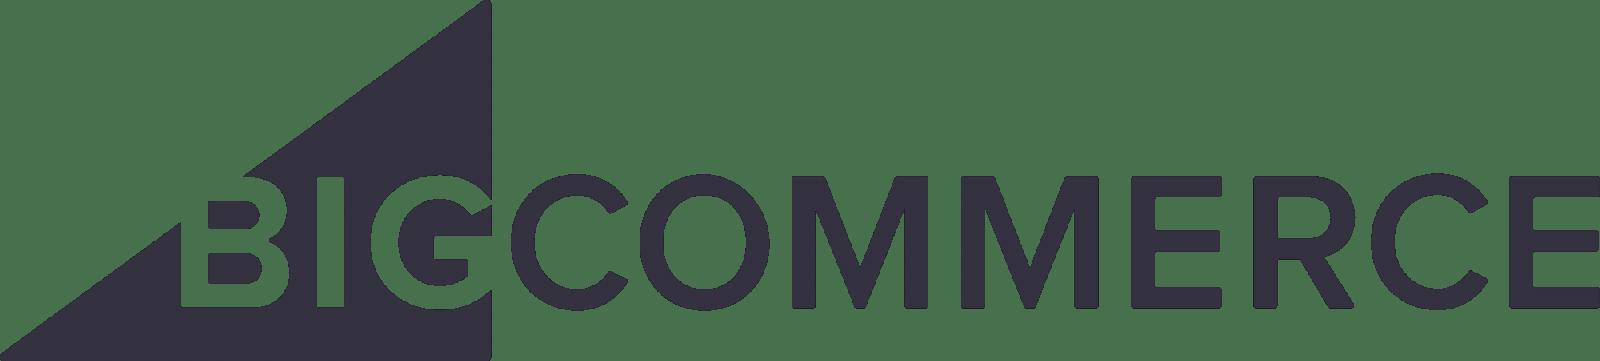 ecommerce platforms: BigCommerce